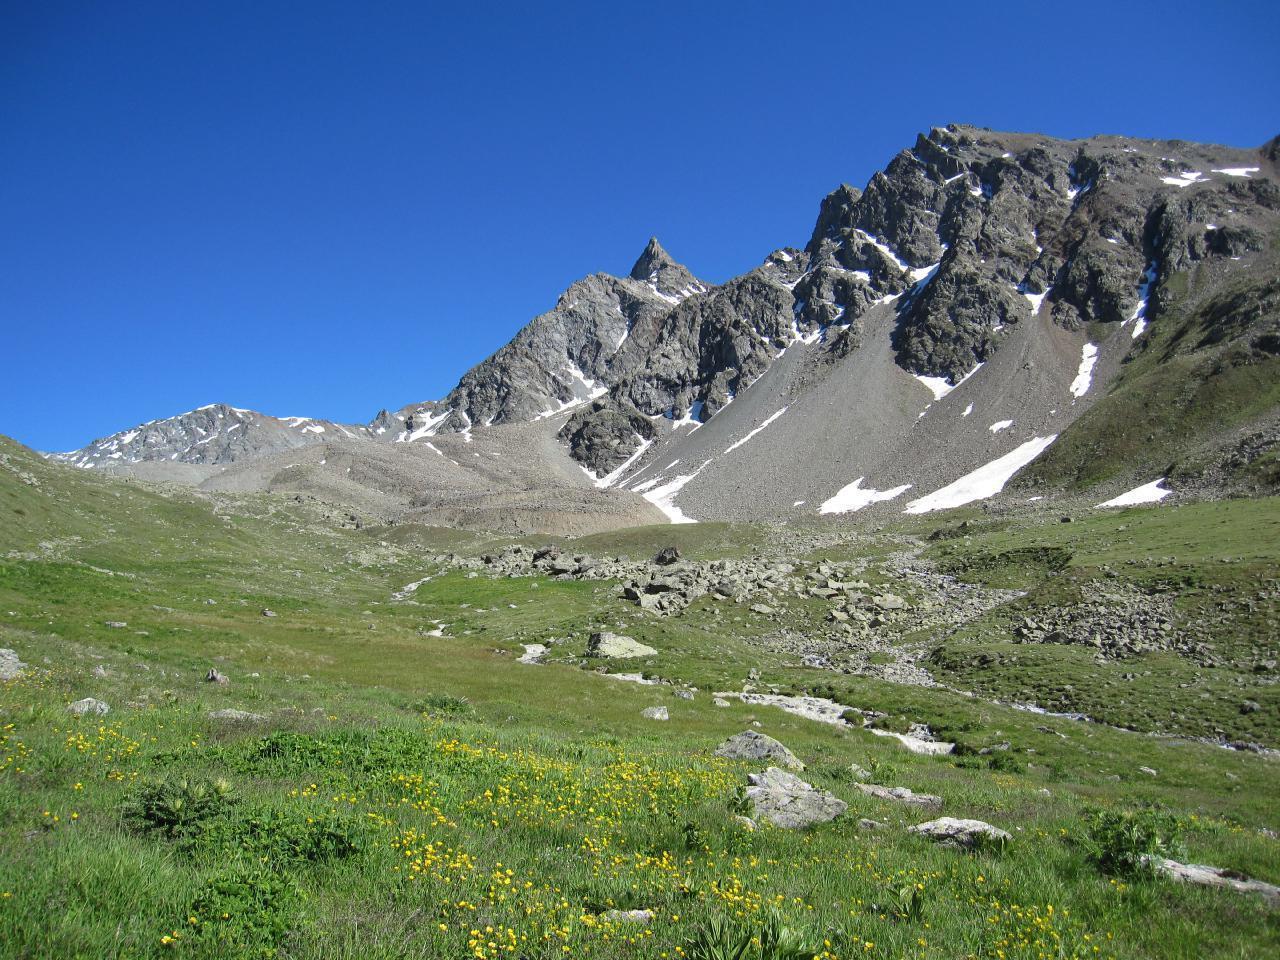 Ferienwohnung Schöne Ferienwohnung in Traumlage (953833), Tschierv, Val Müstair, Graubünden, Schweiz, Bild 7